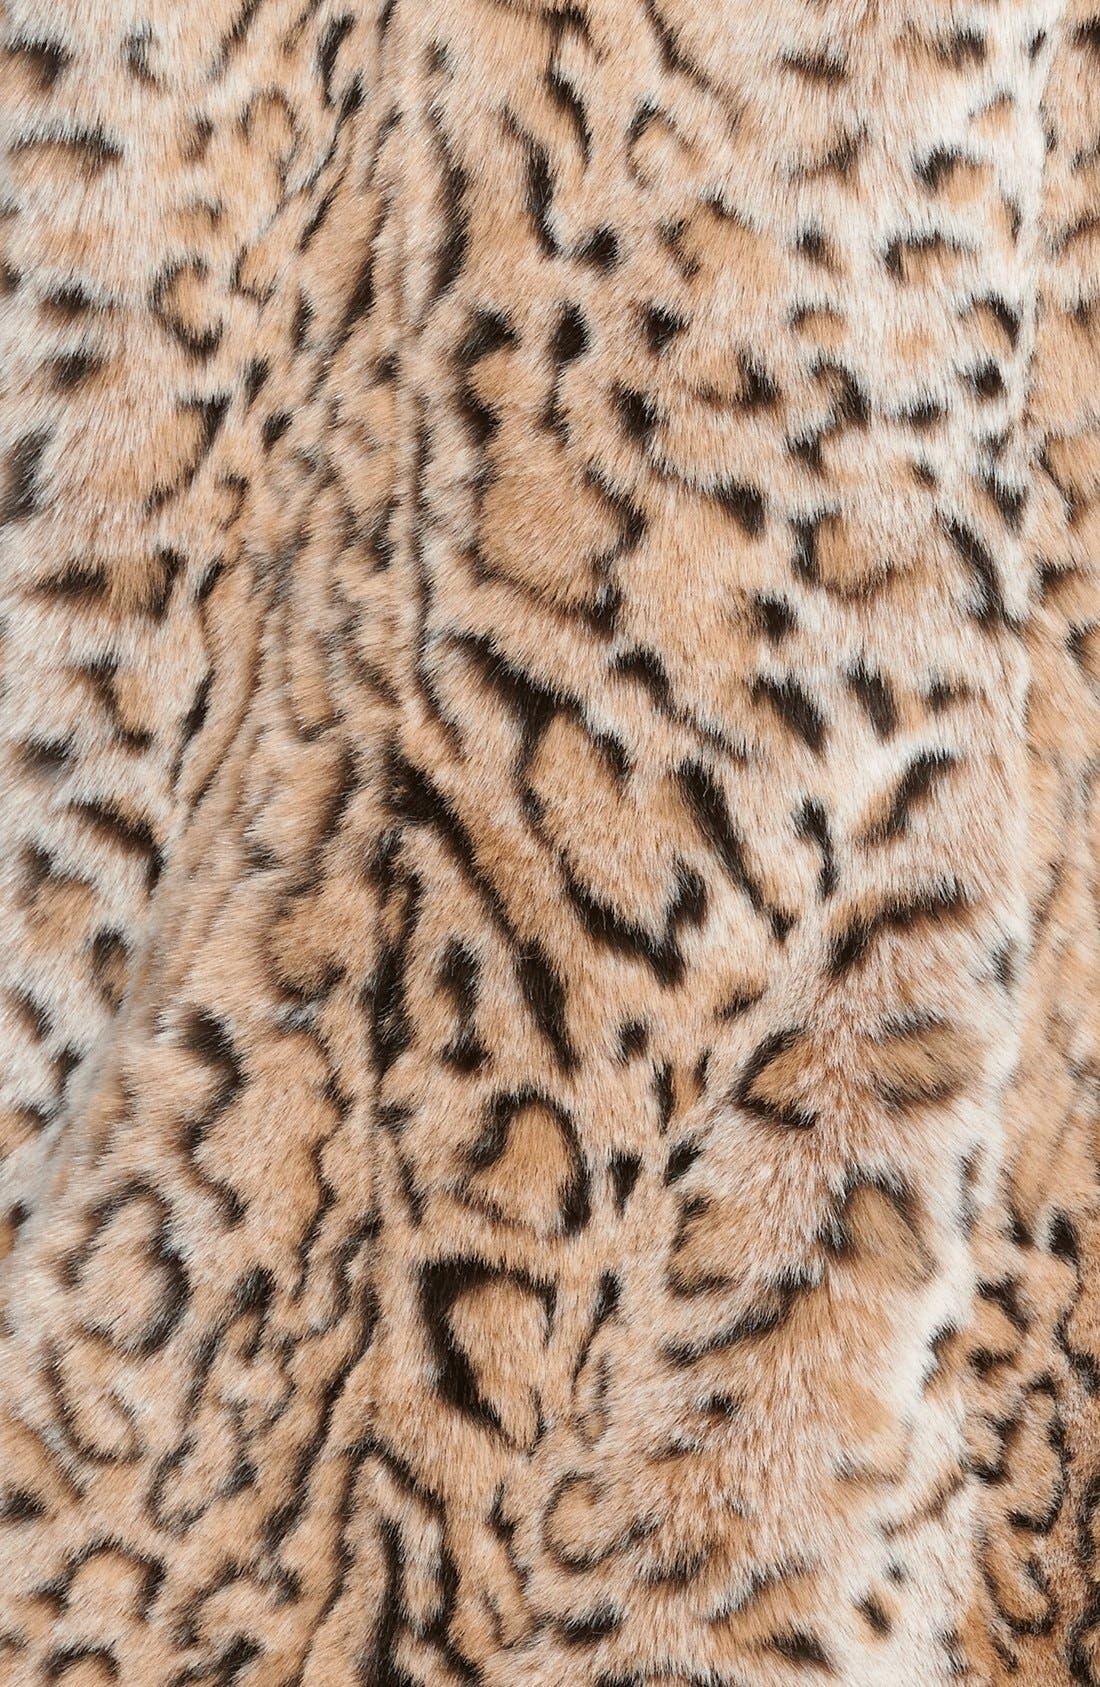 Faux Fur Leopard Print Coat,                             Alternate thumbnail 3, color,                             Leopard